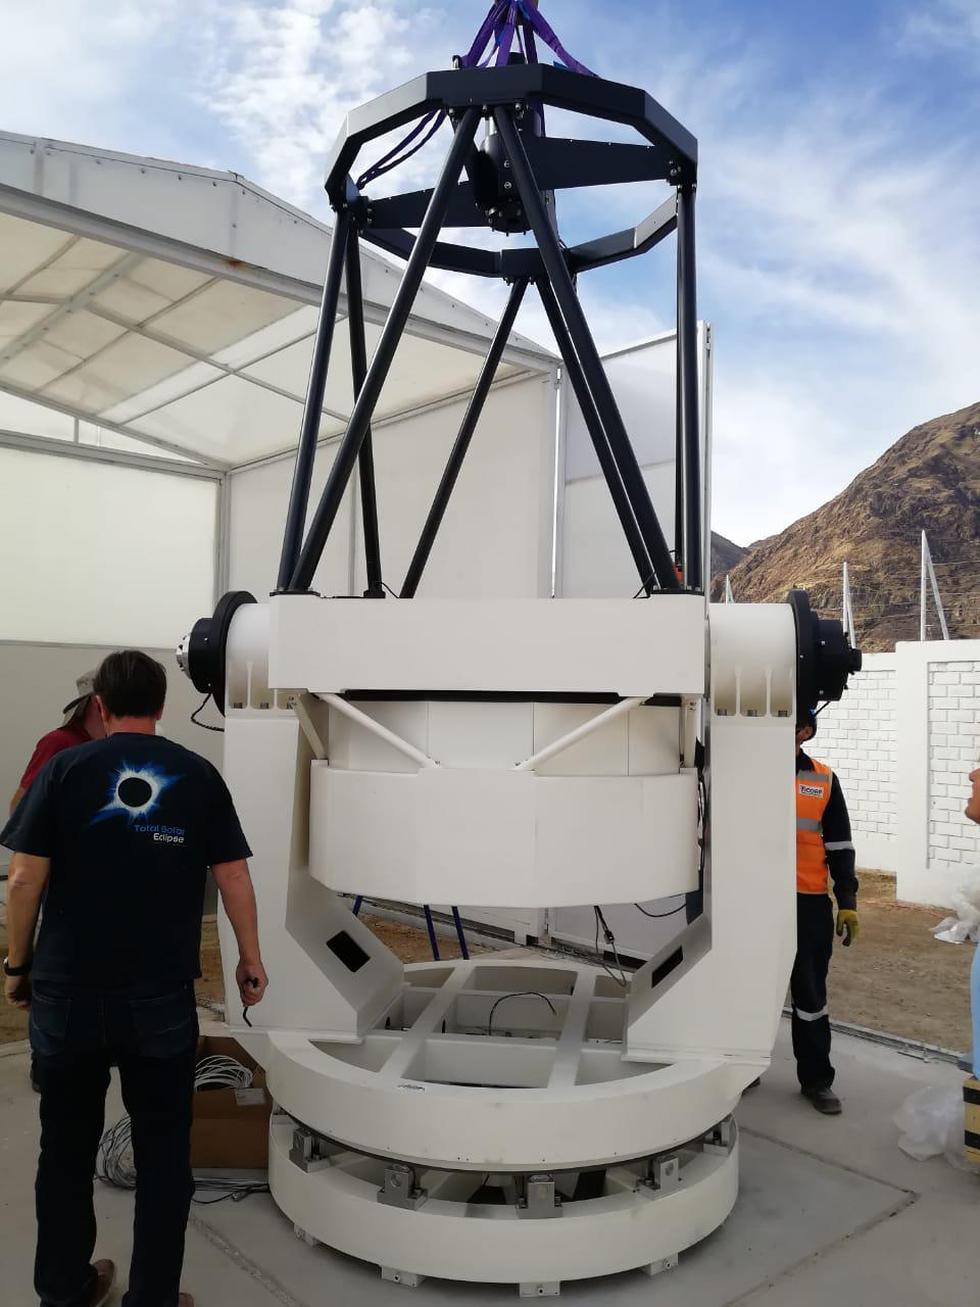 Telescopio fue armado y aún falta su implementación. (Agencia Espacial del Perú -Conida)